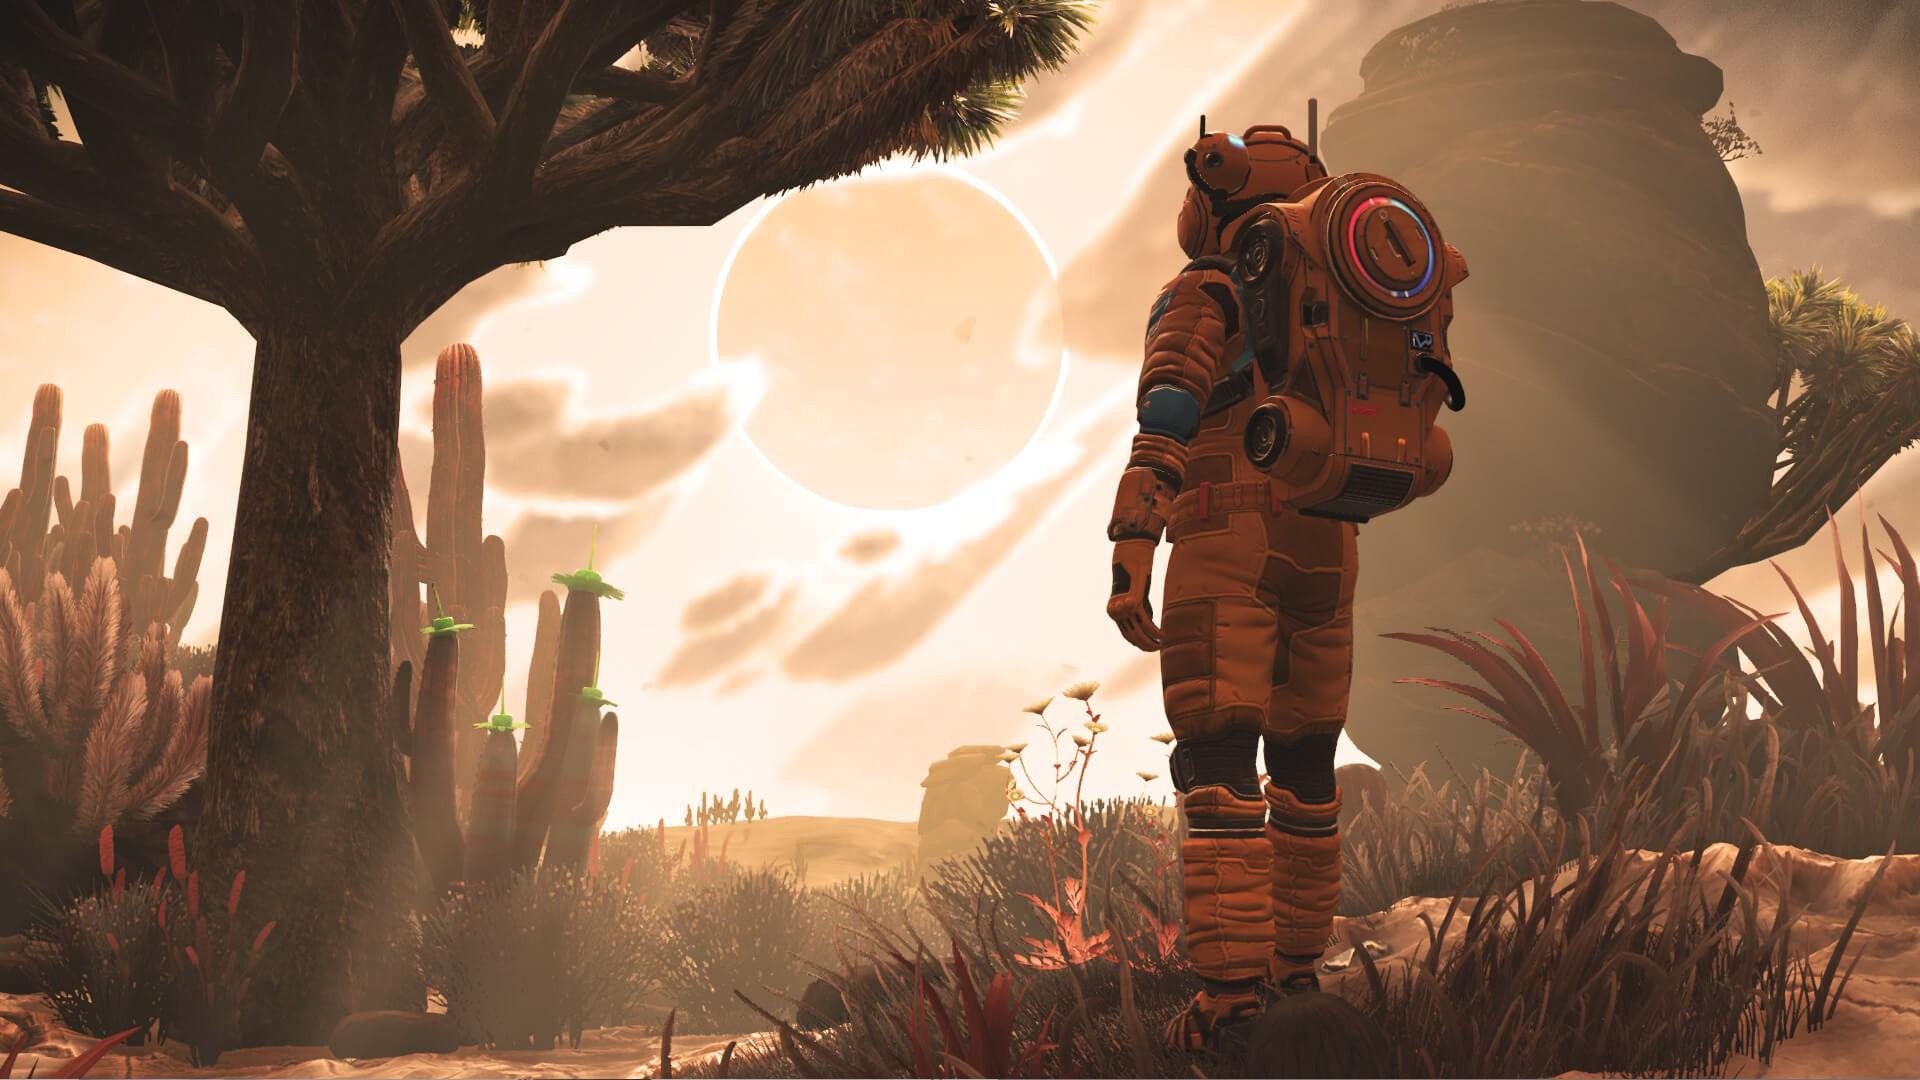 No Man's Sky: Visions è disponibile su PC, PS4 e Xbox One